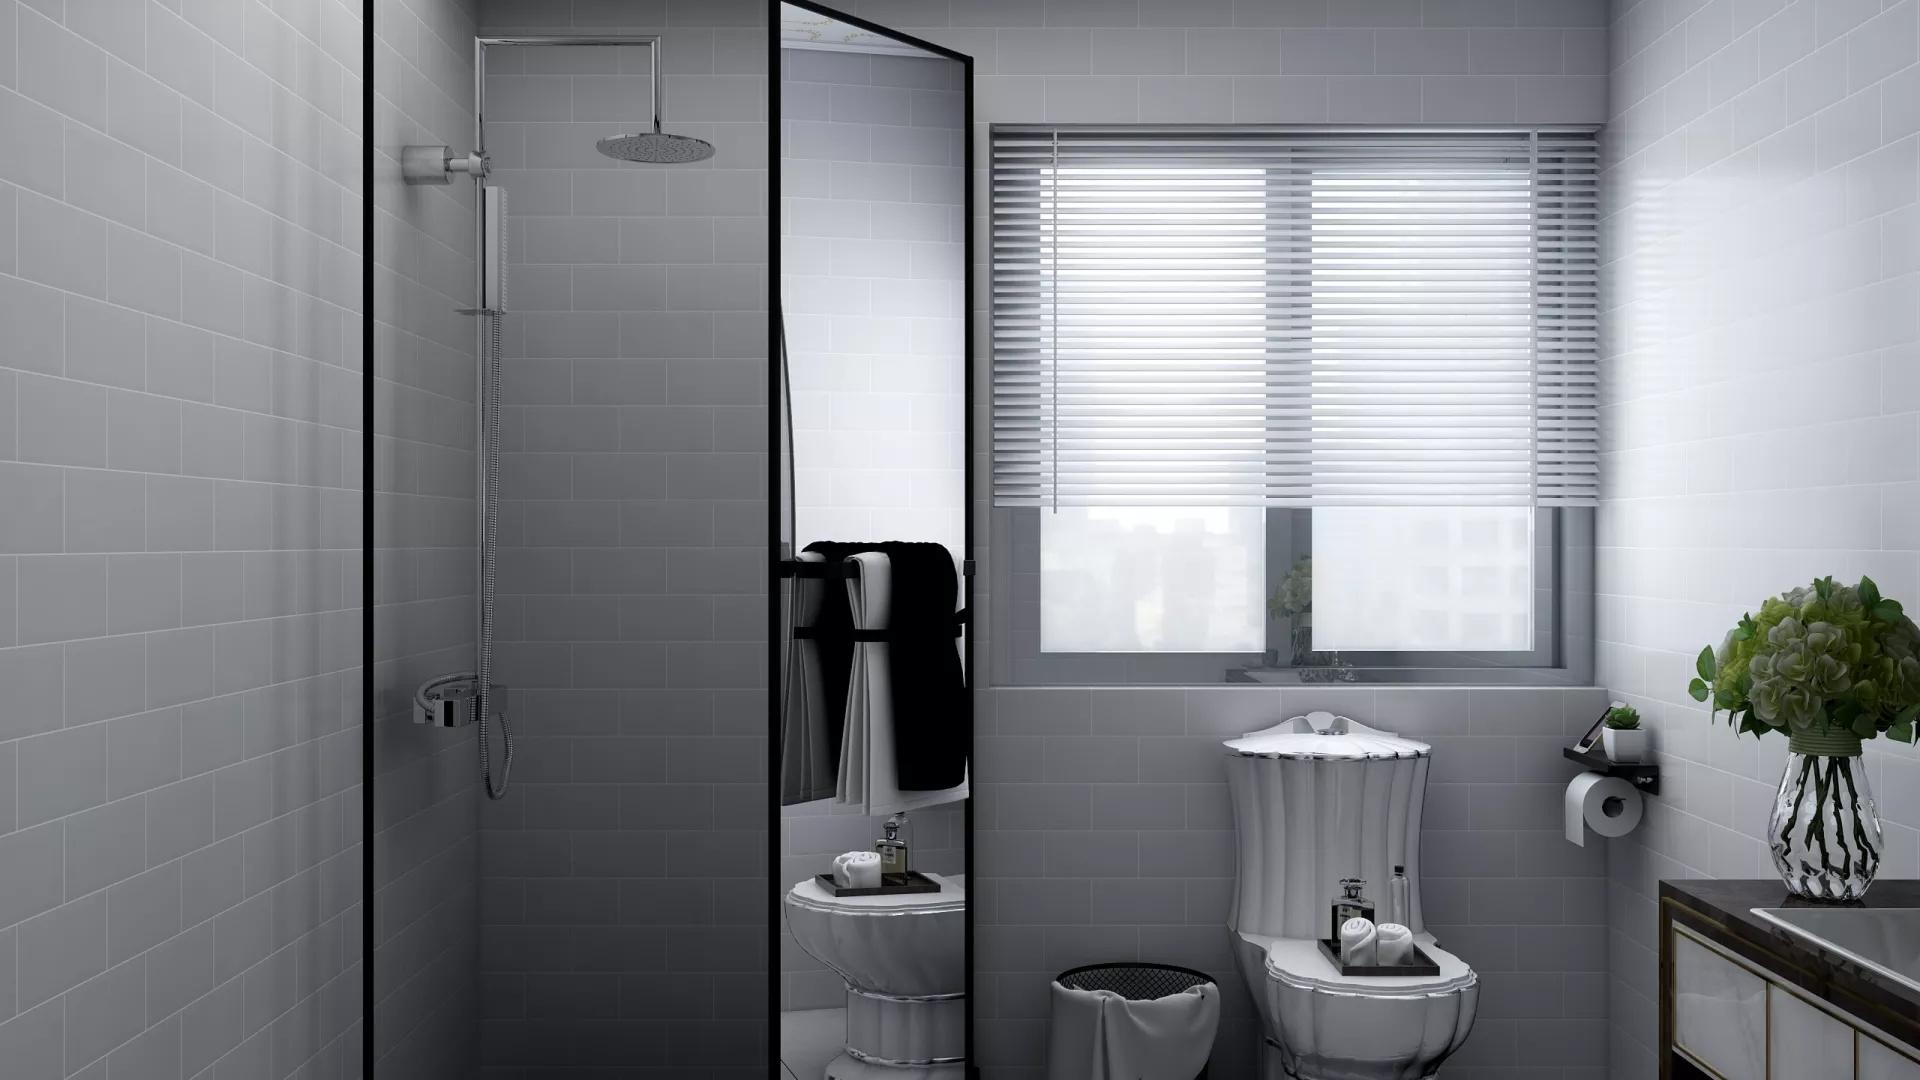 卫生间漏水维修方法 卫生间装修注意事项